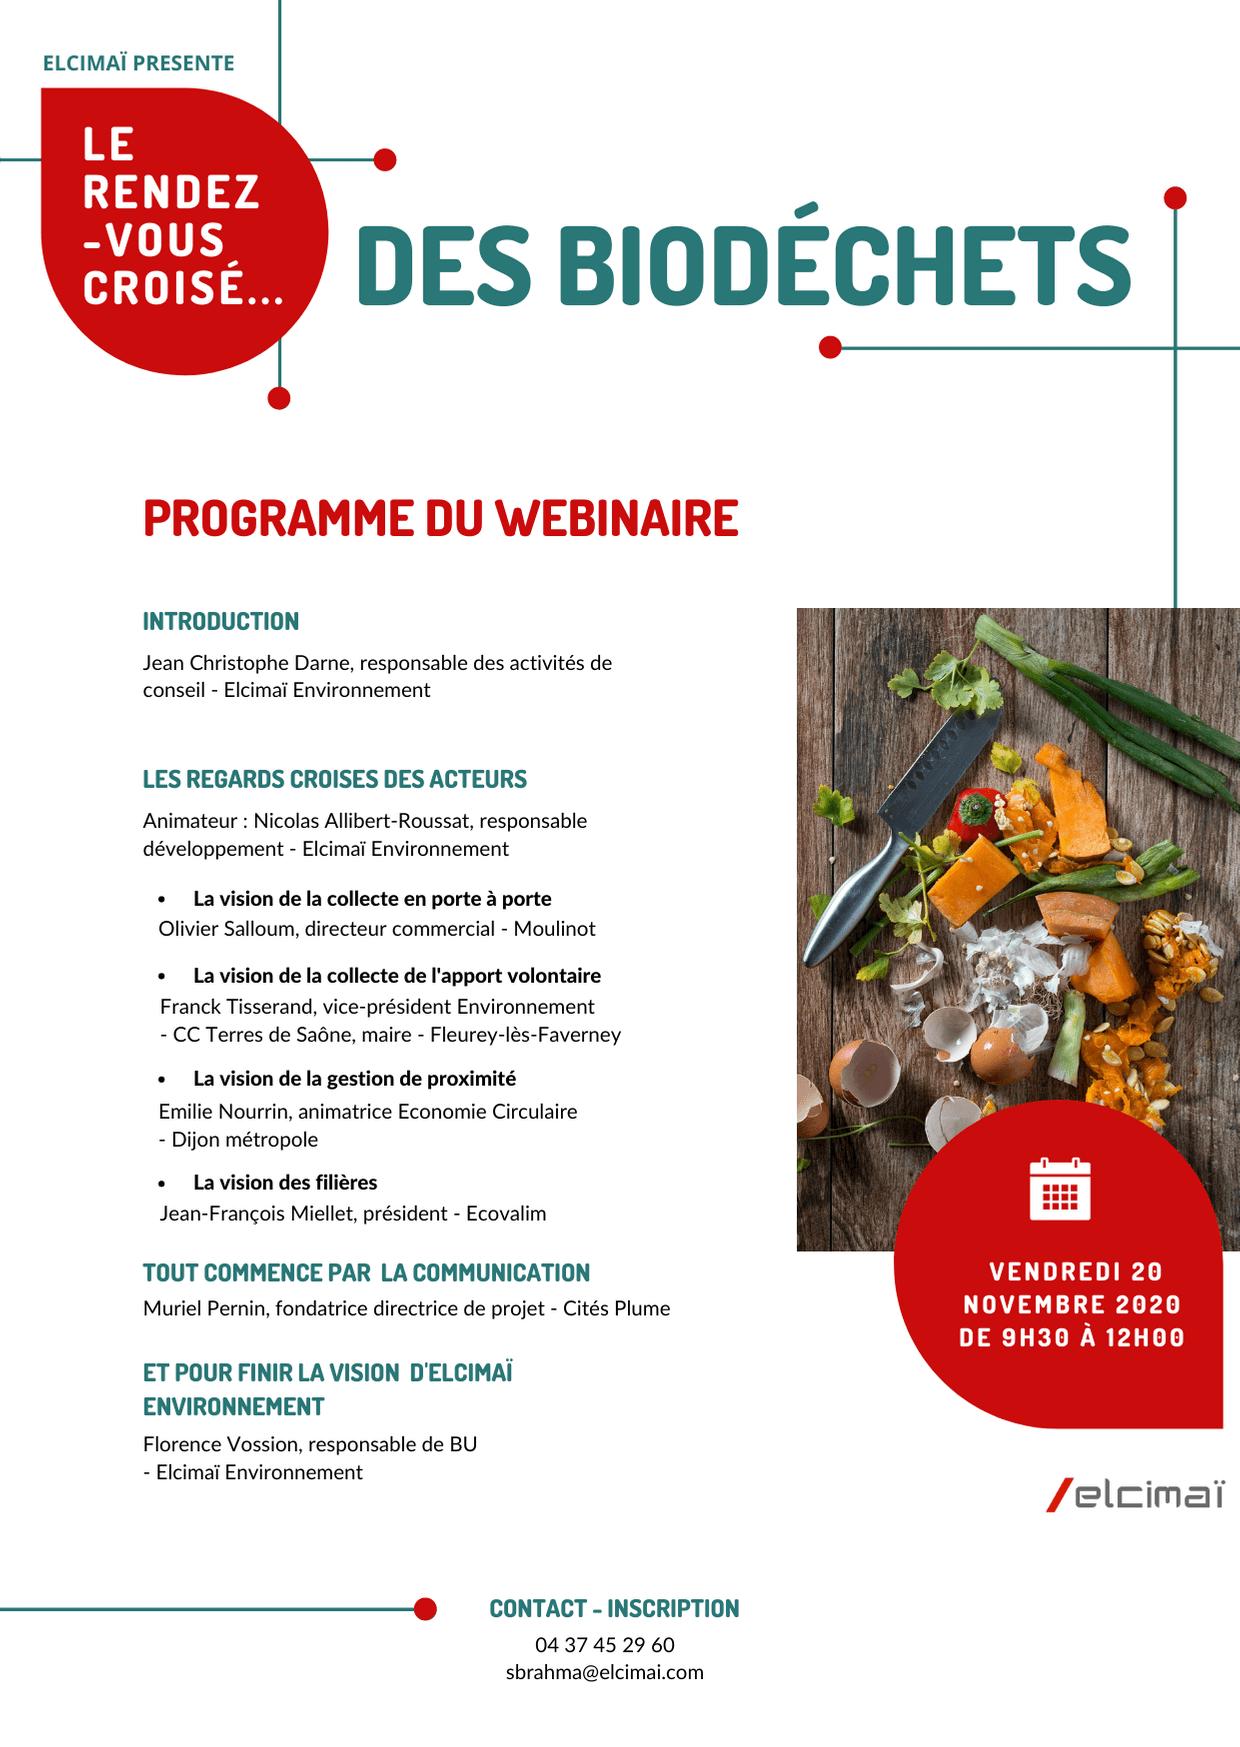 Programme-rendez-vous-croisés-biodéchets